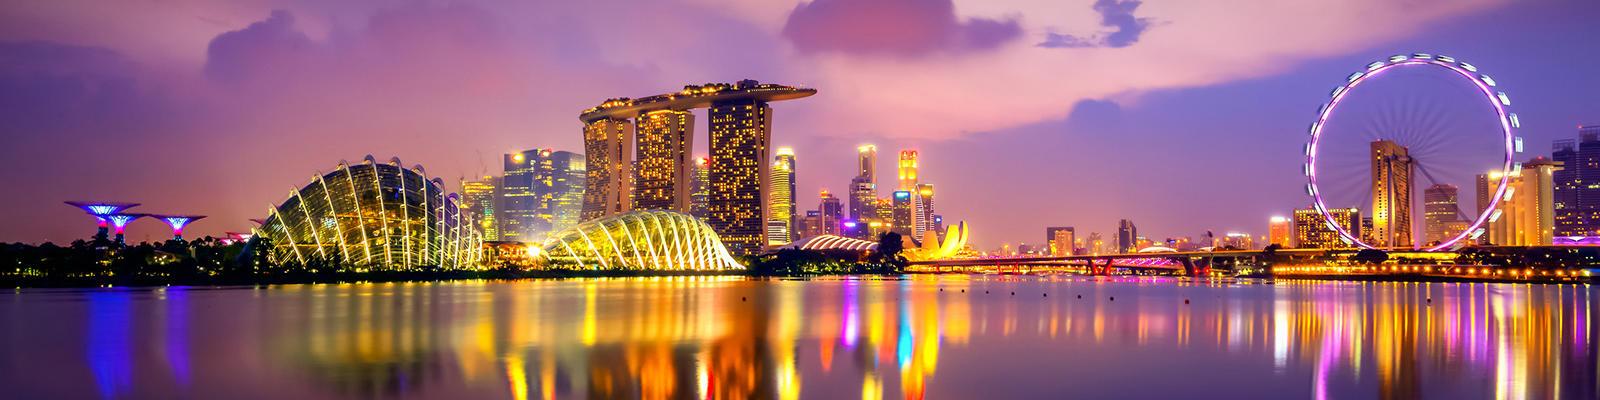 SINGAPORE SKYLINE NIGHTTIME